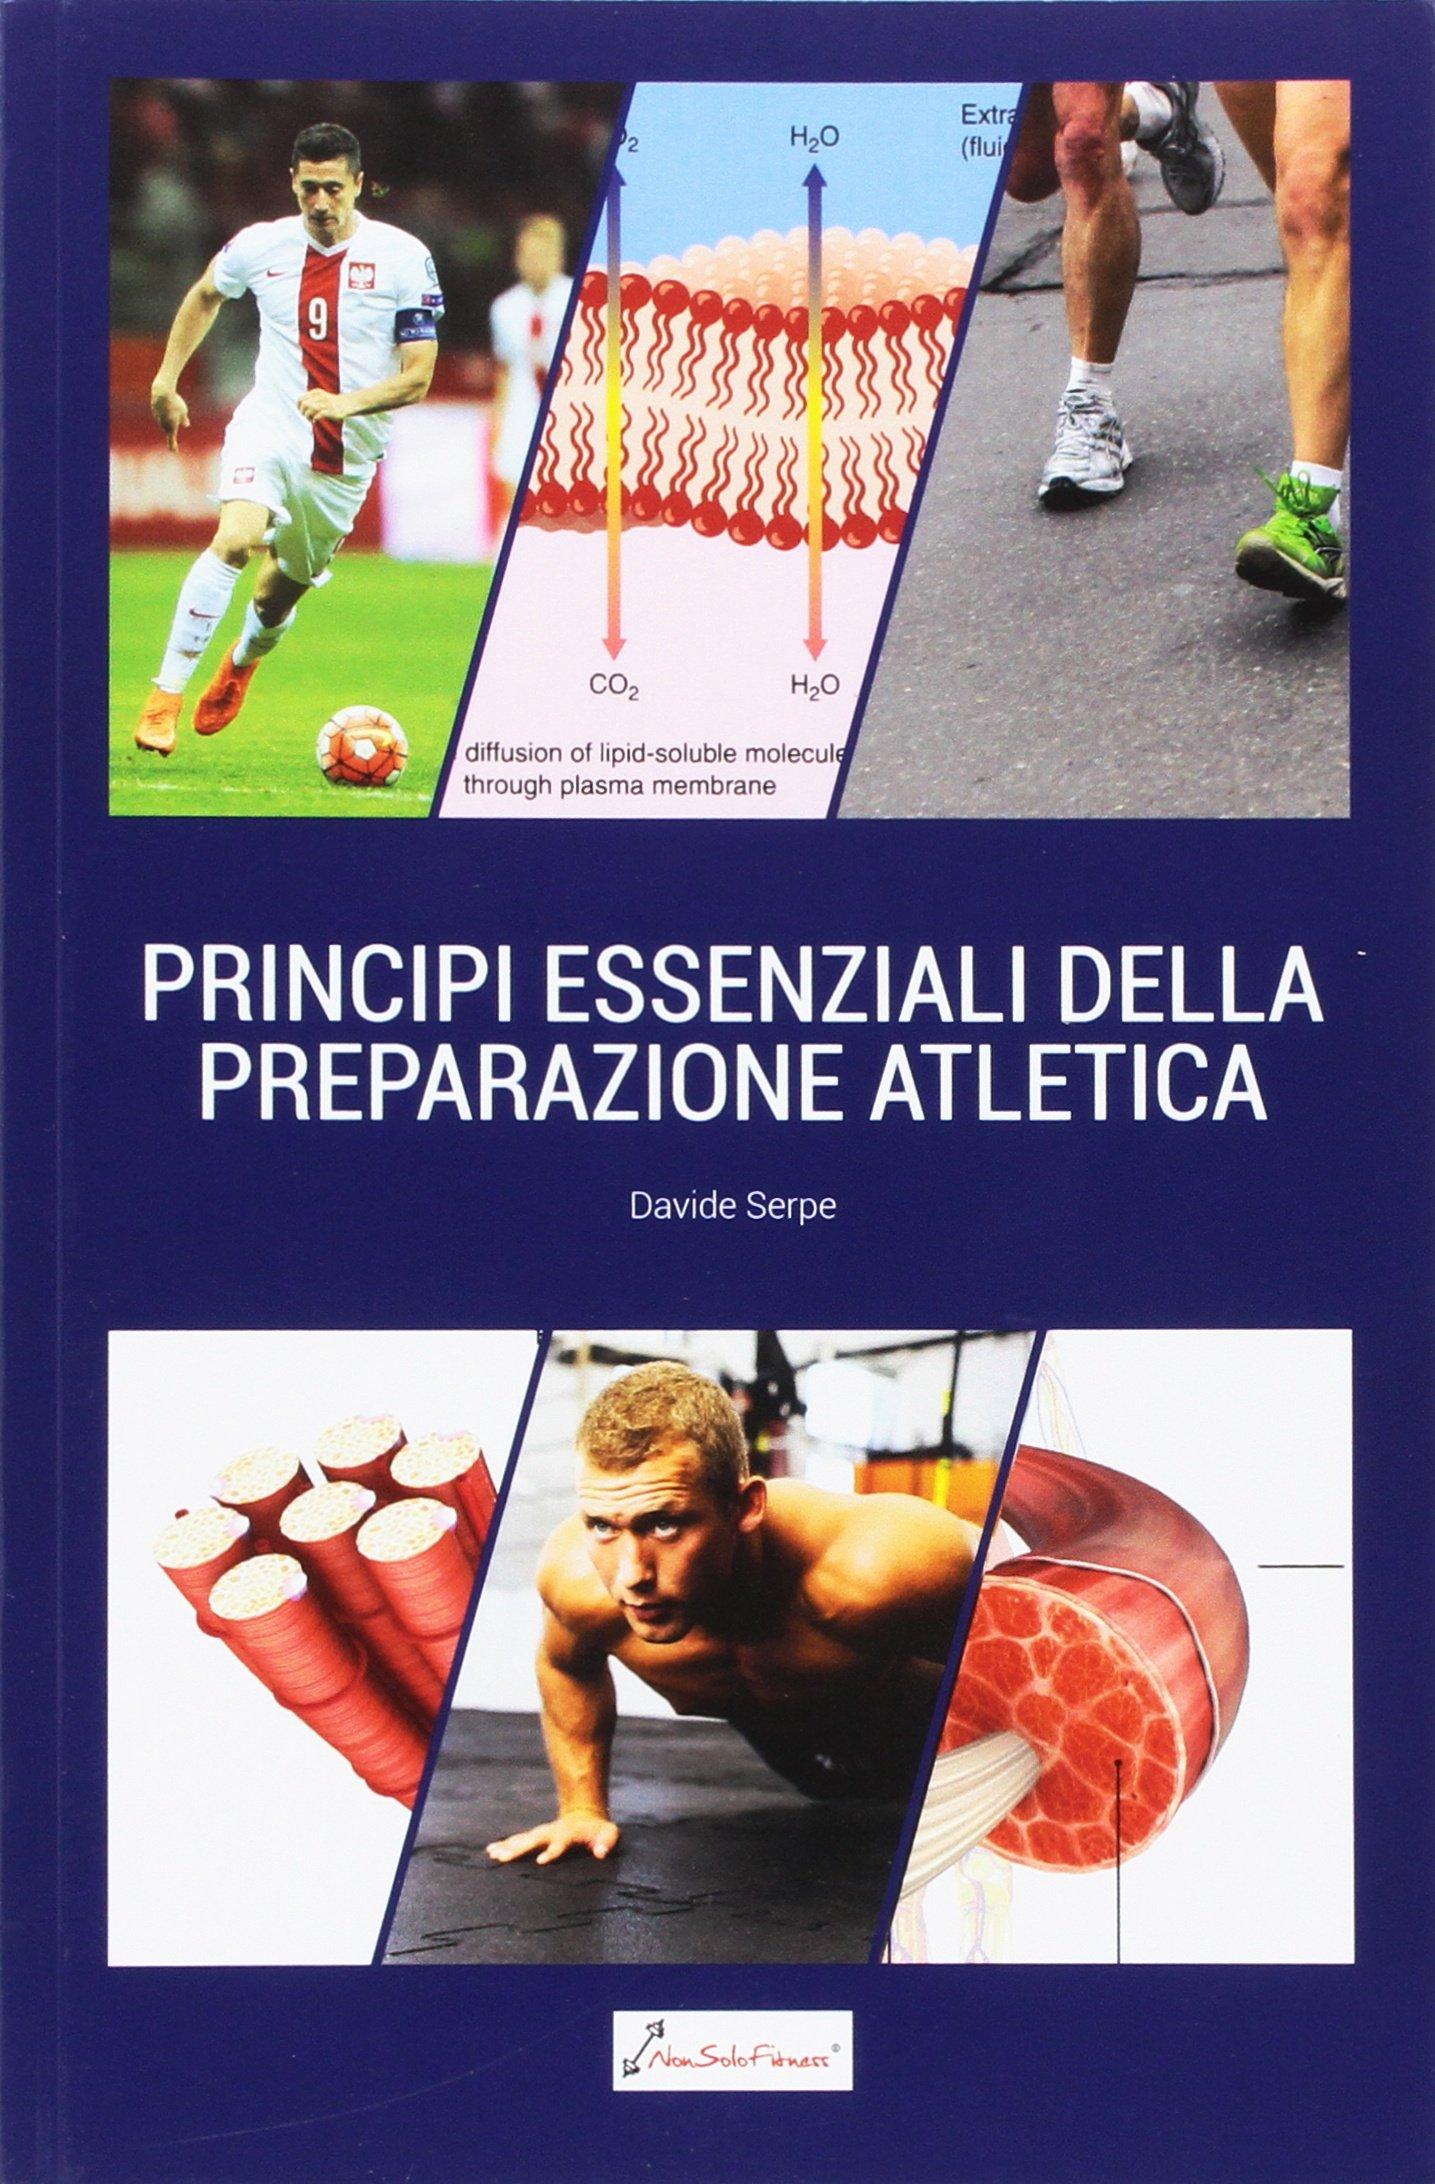 Principi essenziali della preparazione atletica Copertina flessibile – 23 mar 2016 Davide Serpe Nonsolofitness 889604443X Allenamenti sportivi